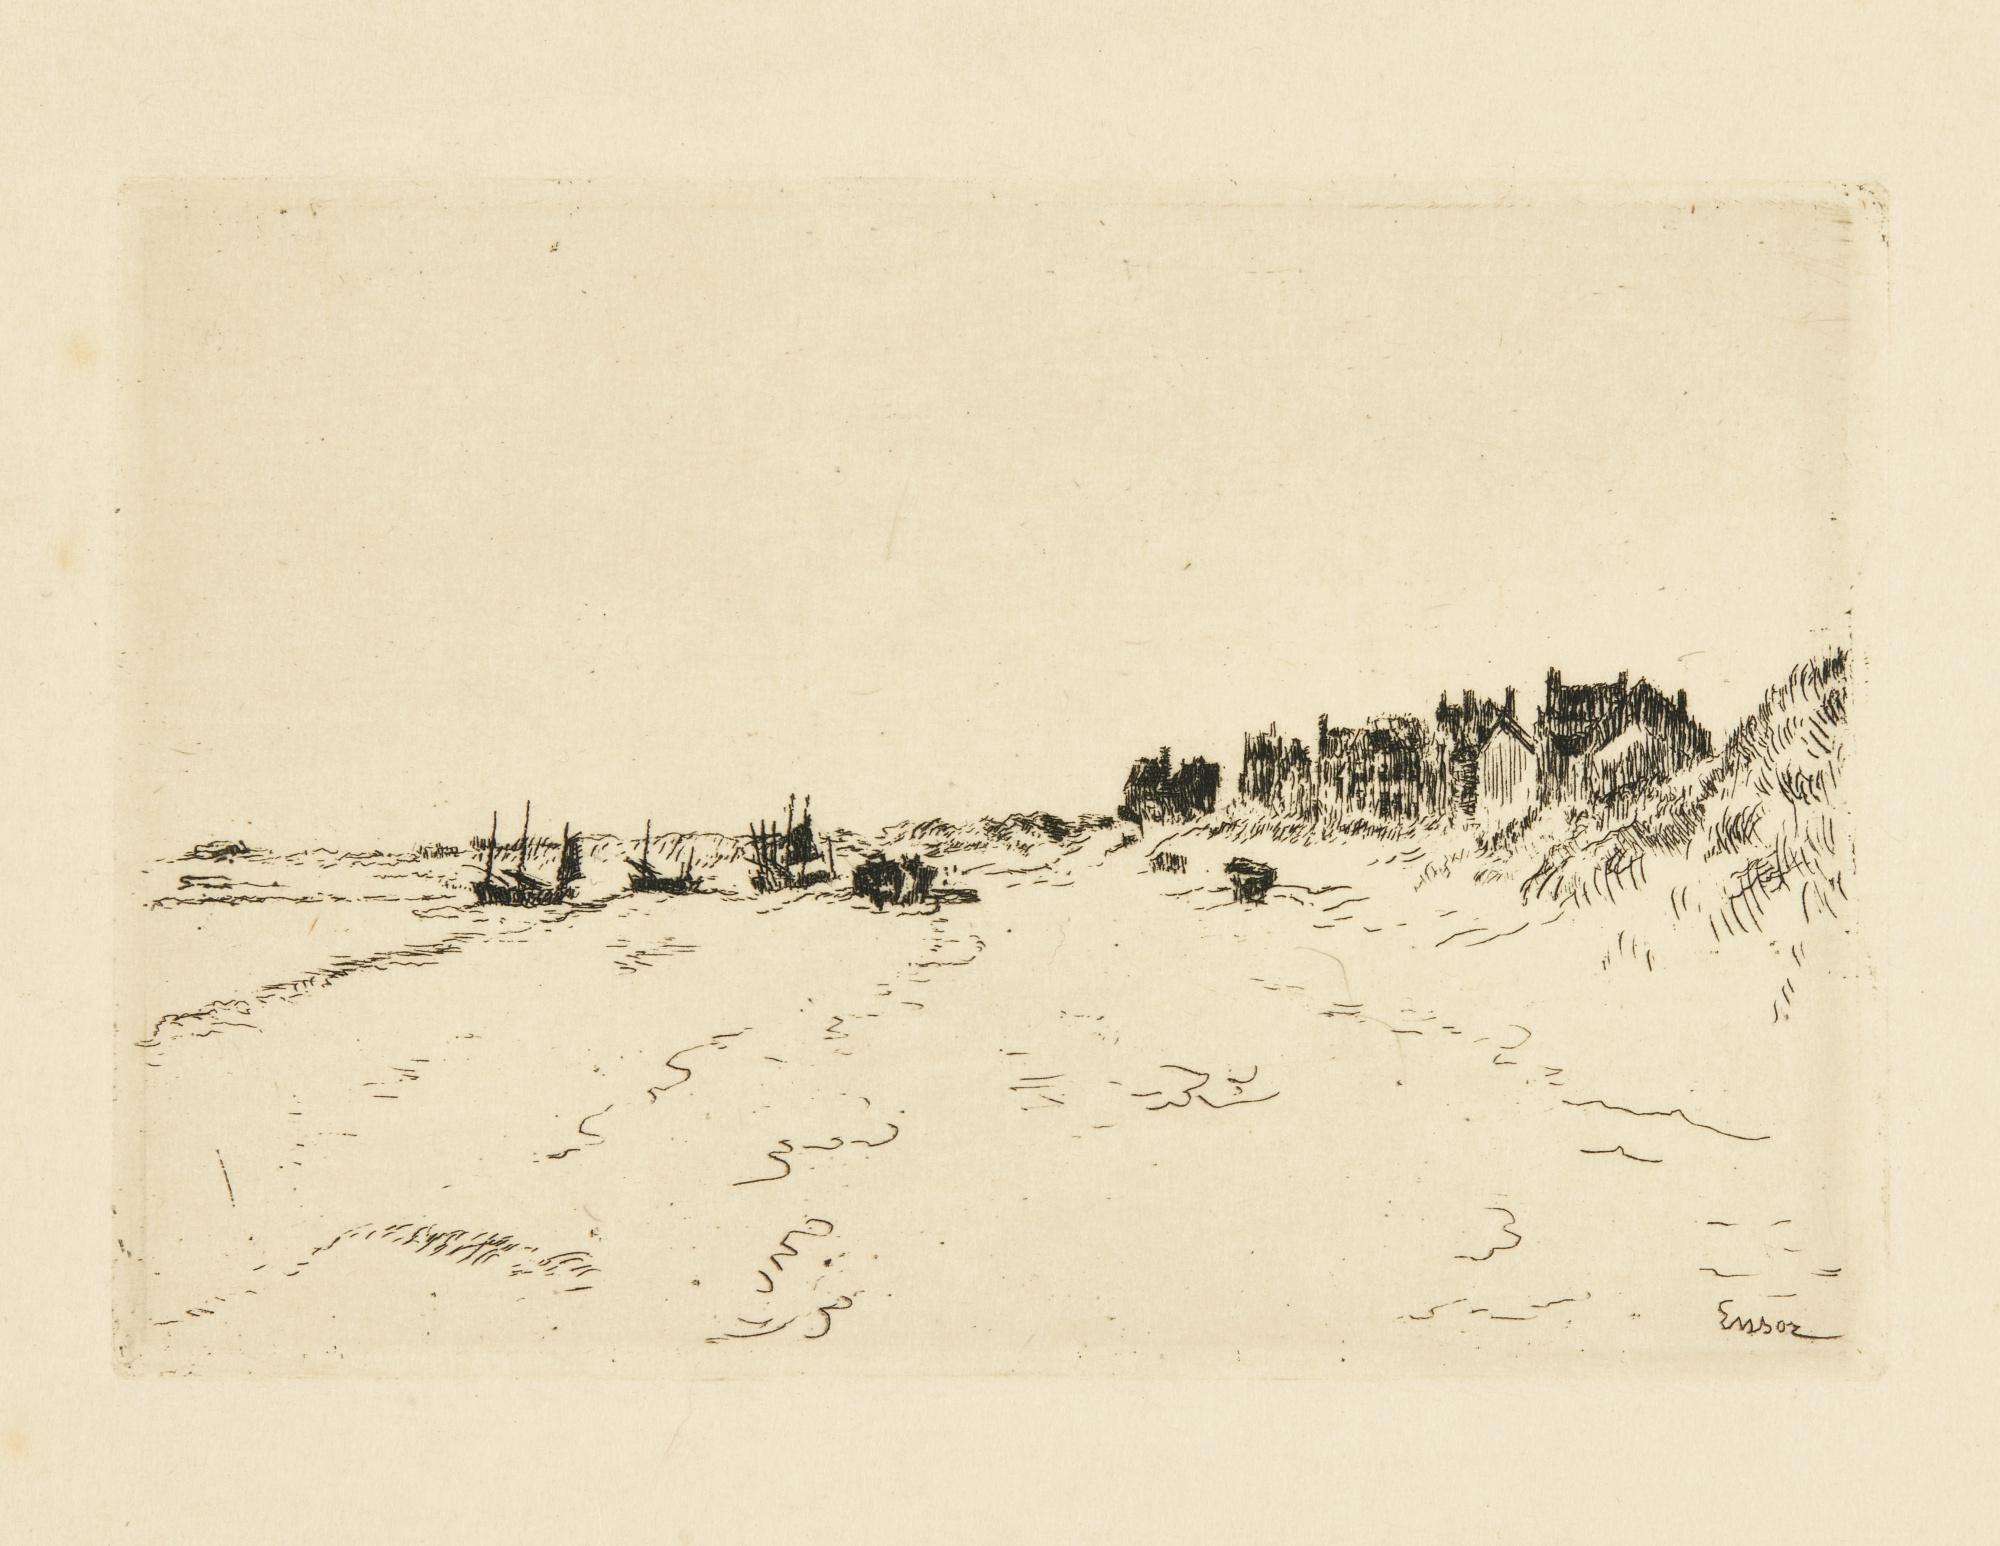 James Ensor-LisiÈRe Du Petit Bois Ostende; Coup De Vent À La LisiÈRe; Le Pont Du Bois Ostende (D. T. E. 27; 47; 69); And Plage De La Panne (D. T.129; E. 134)-1904